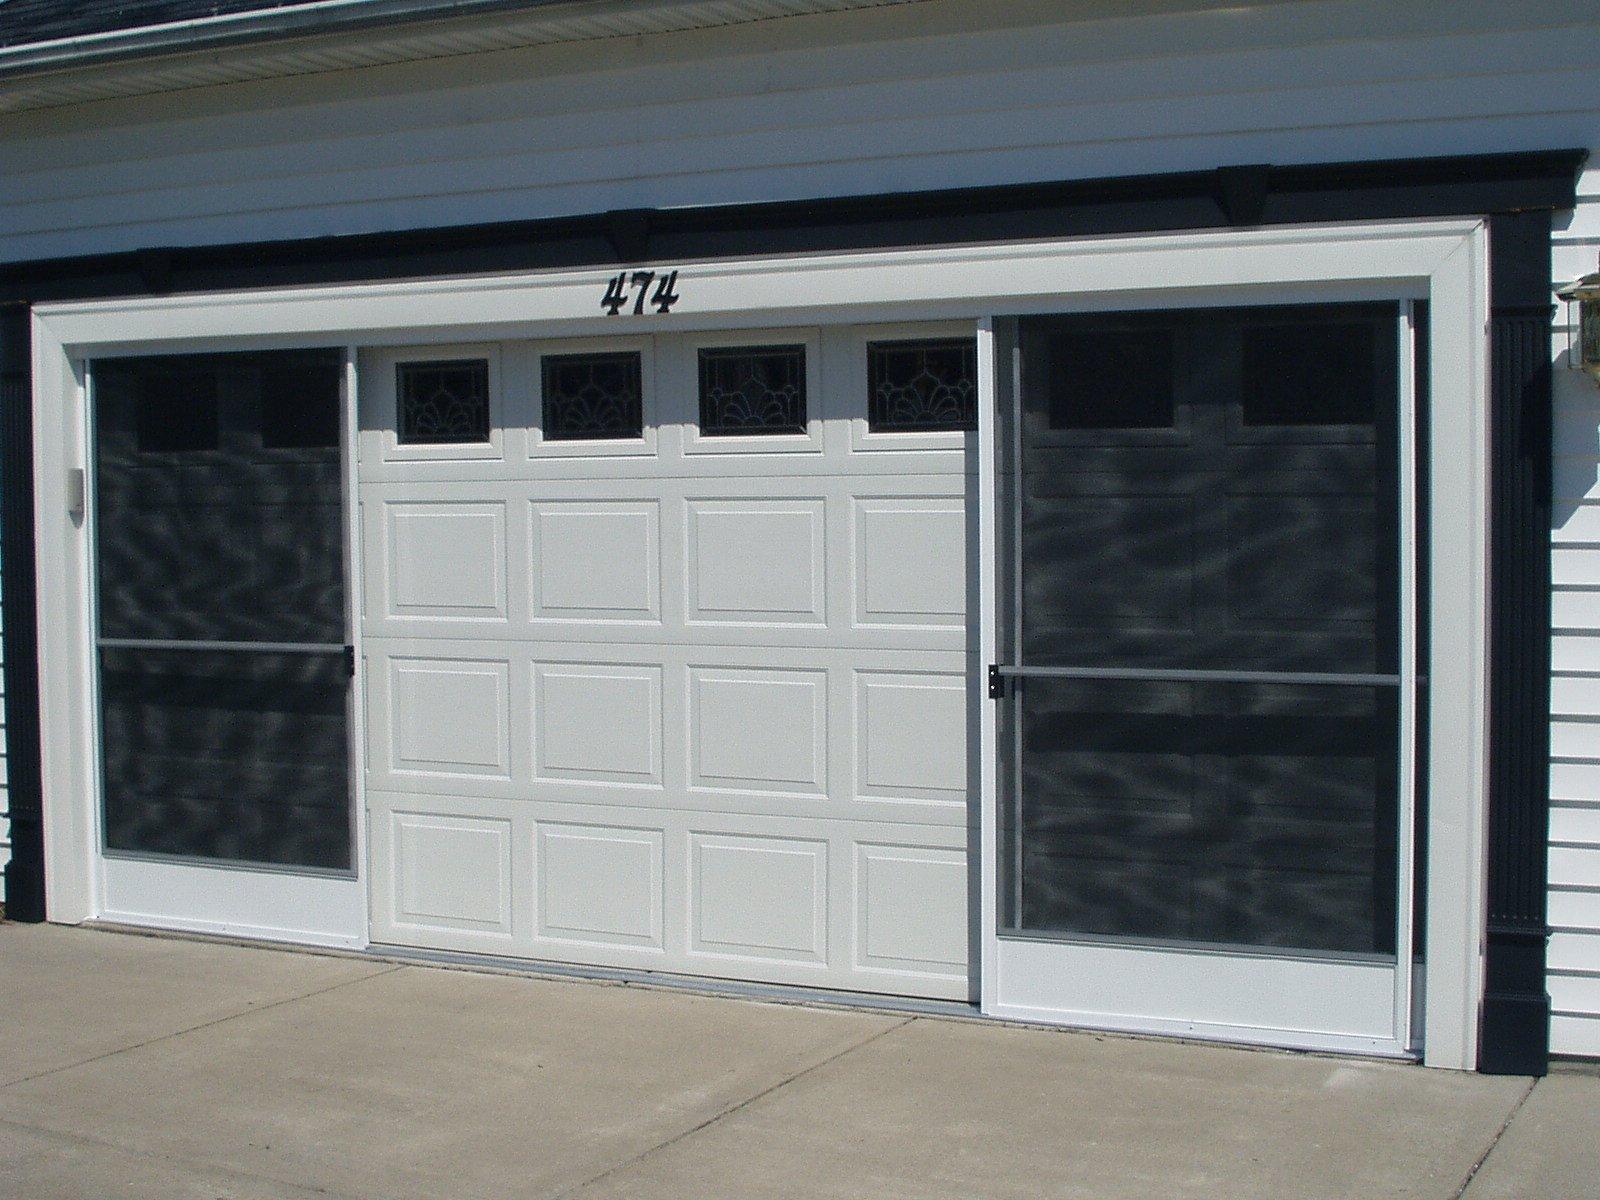 Garage Screen Door Amp Patio Enclosure Installation Gallery